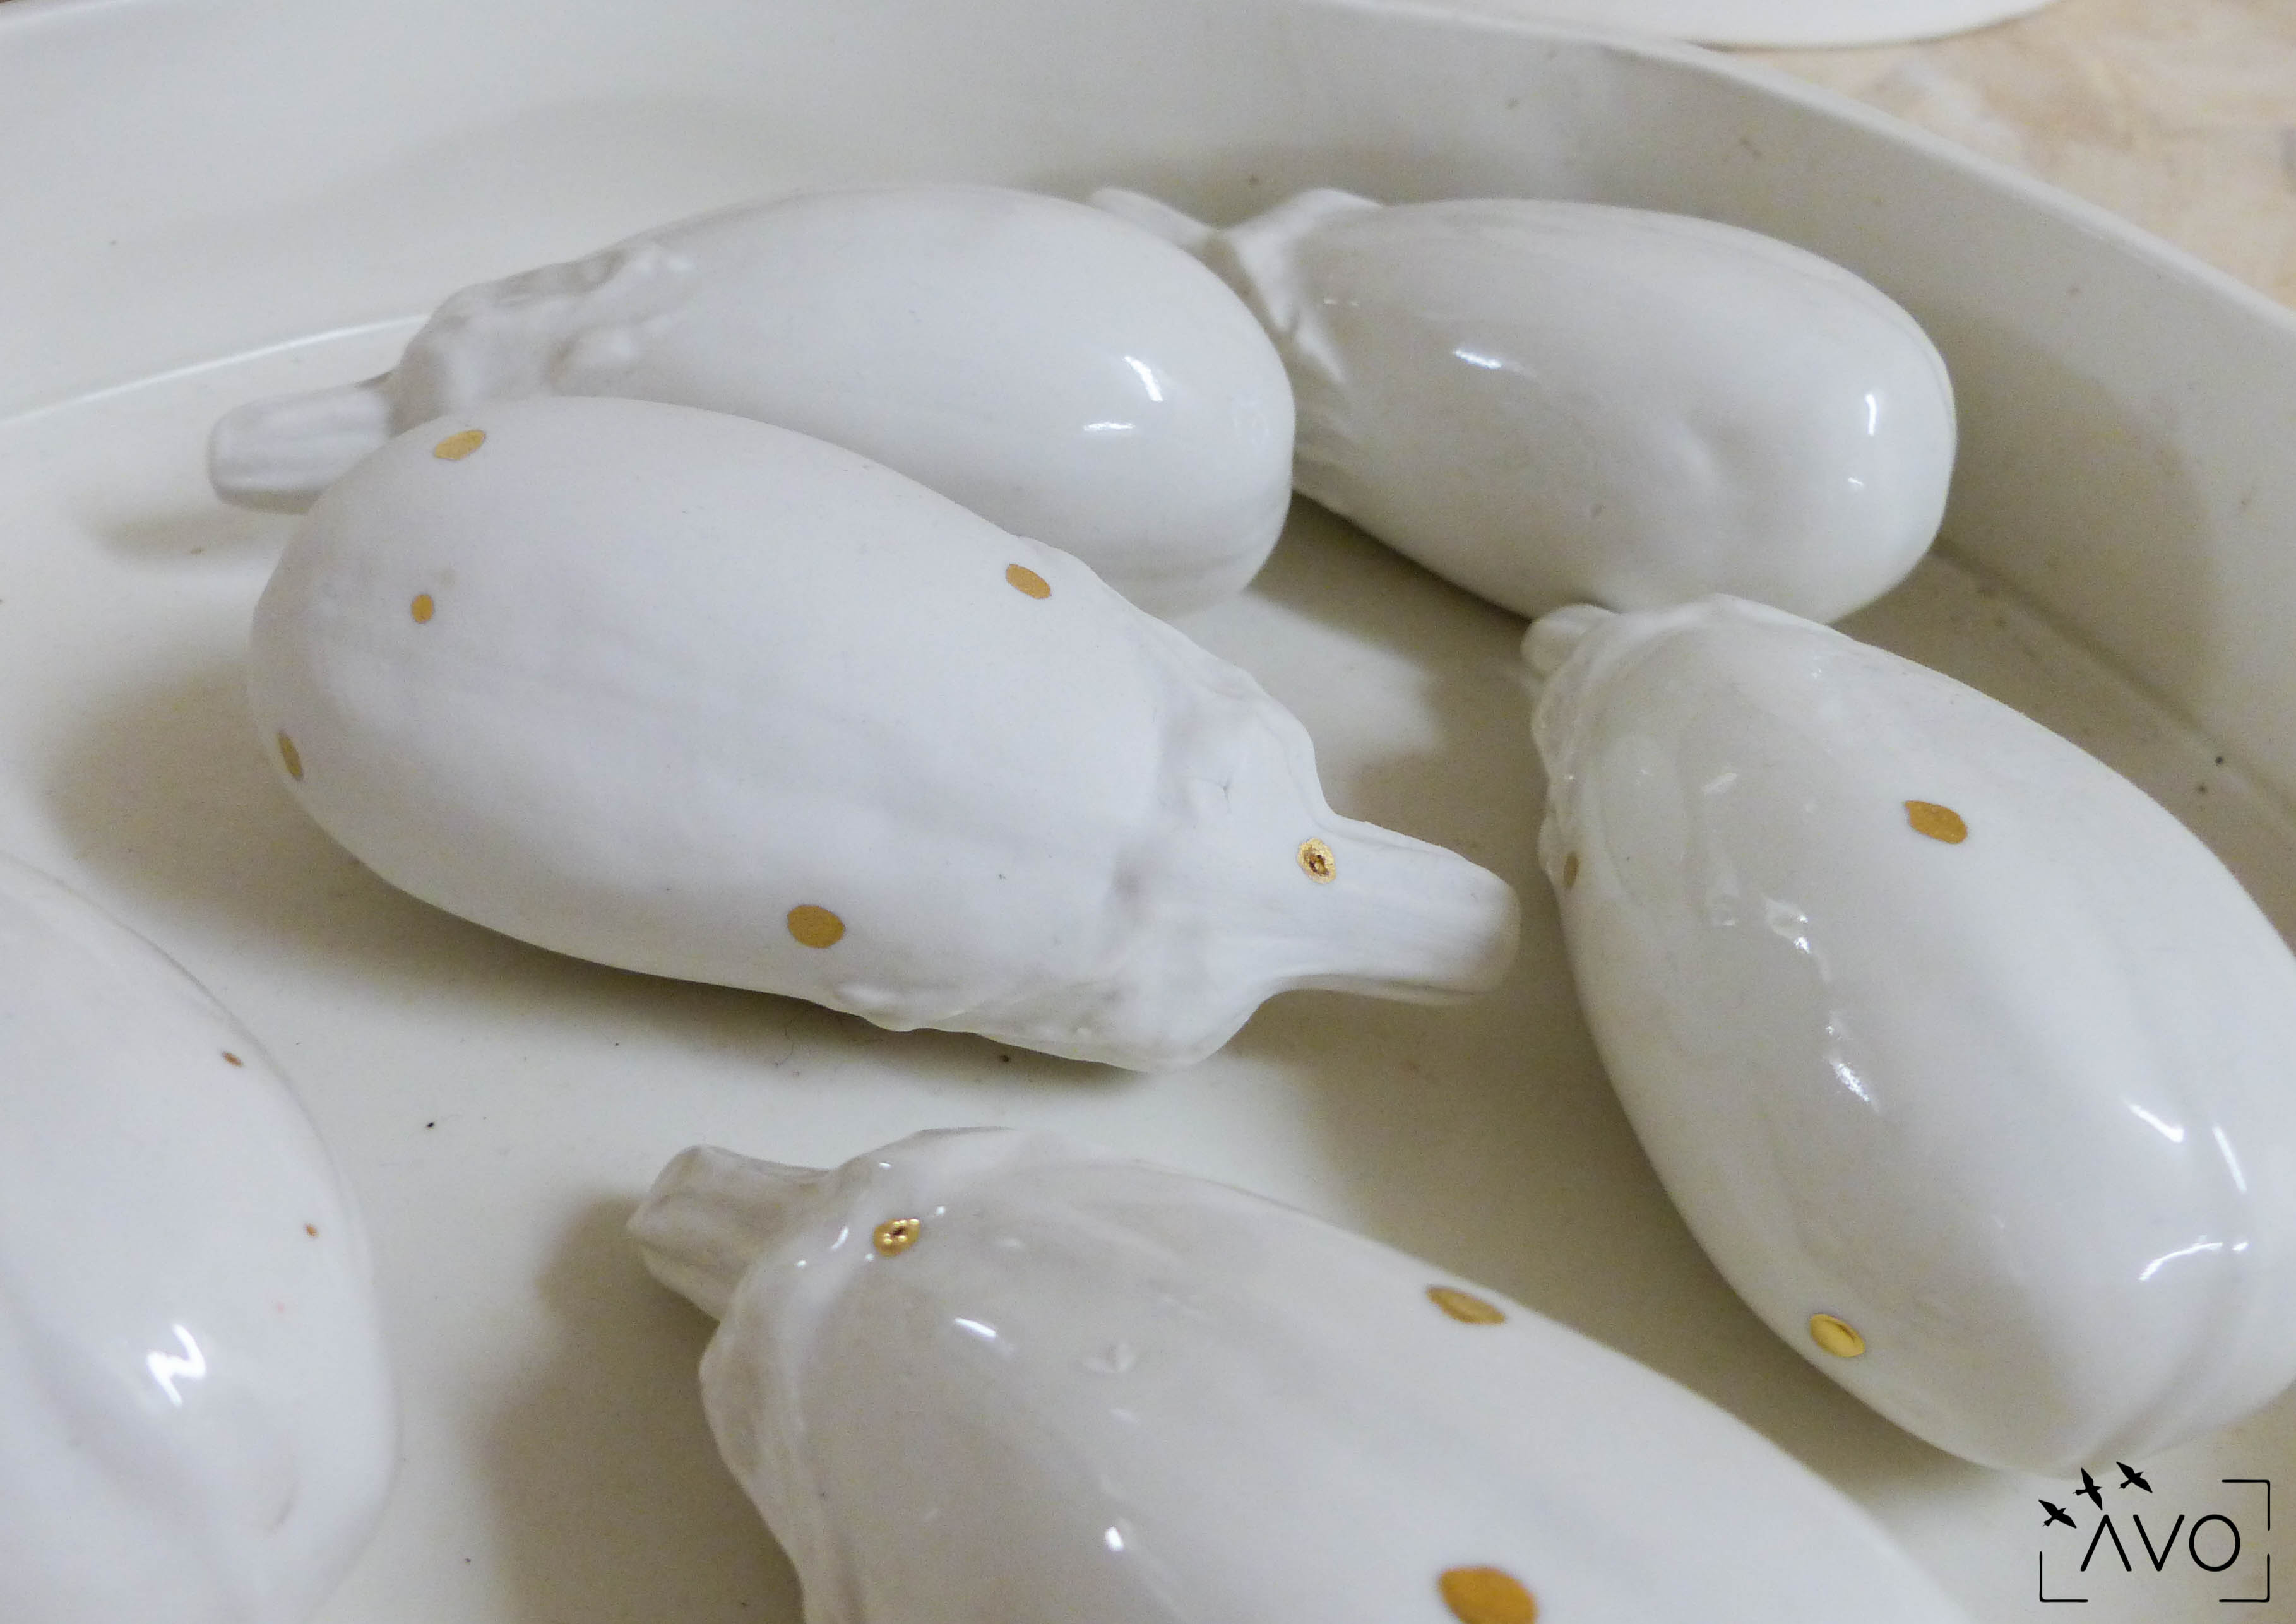 céramique tasse pois porcelaine caluire lyon abcéramique atelier blanc couleur irrégularité aubergine